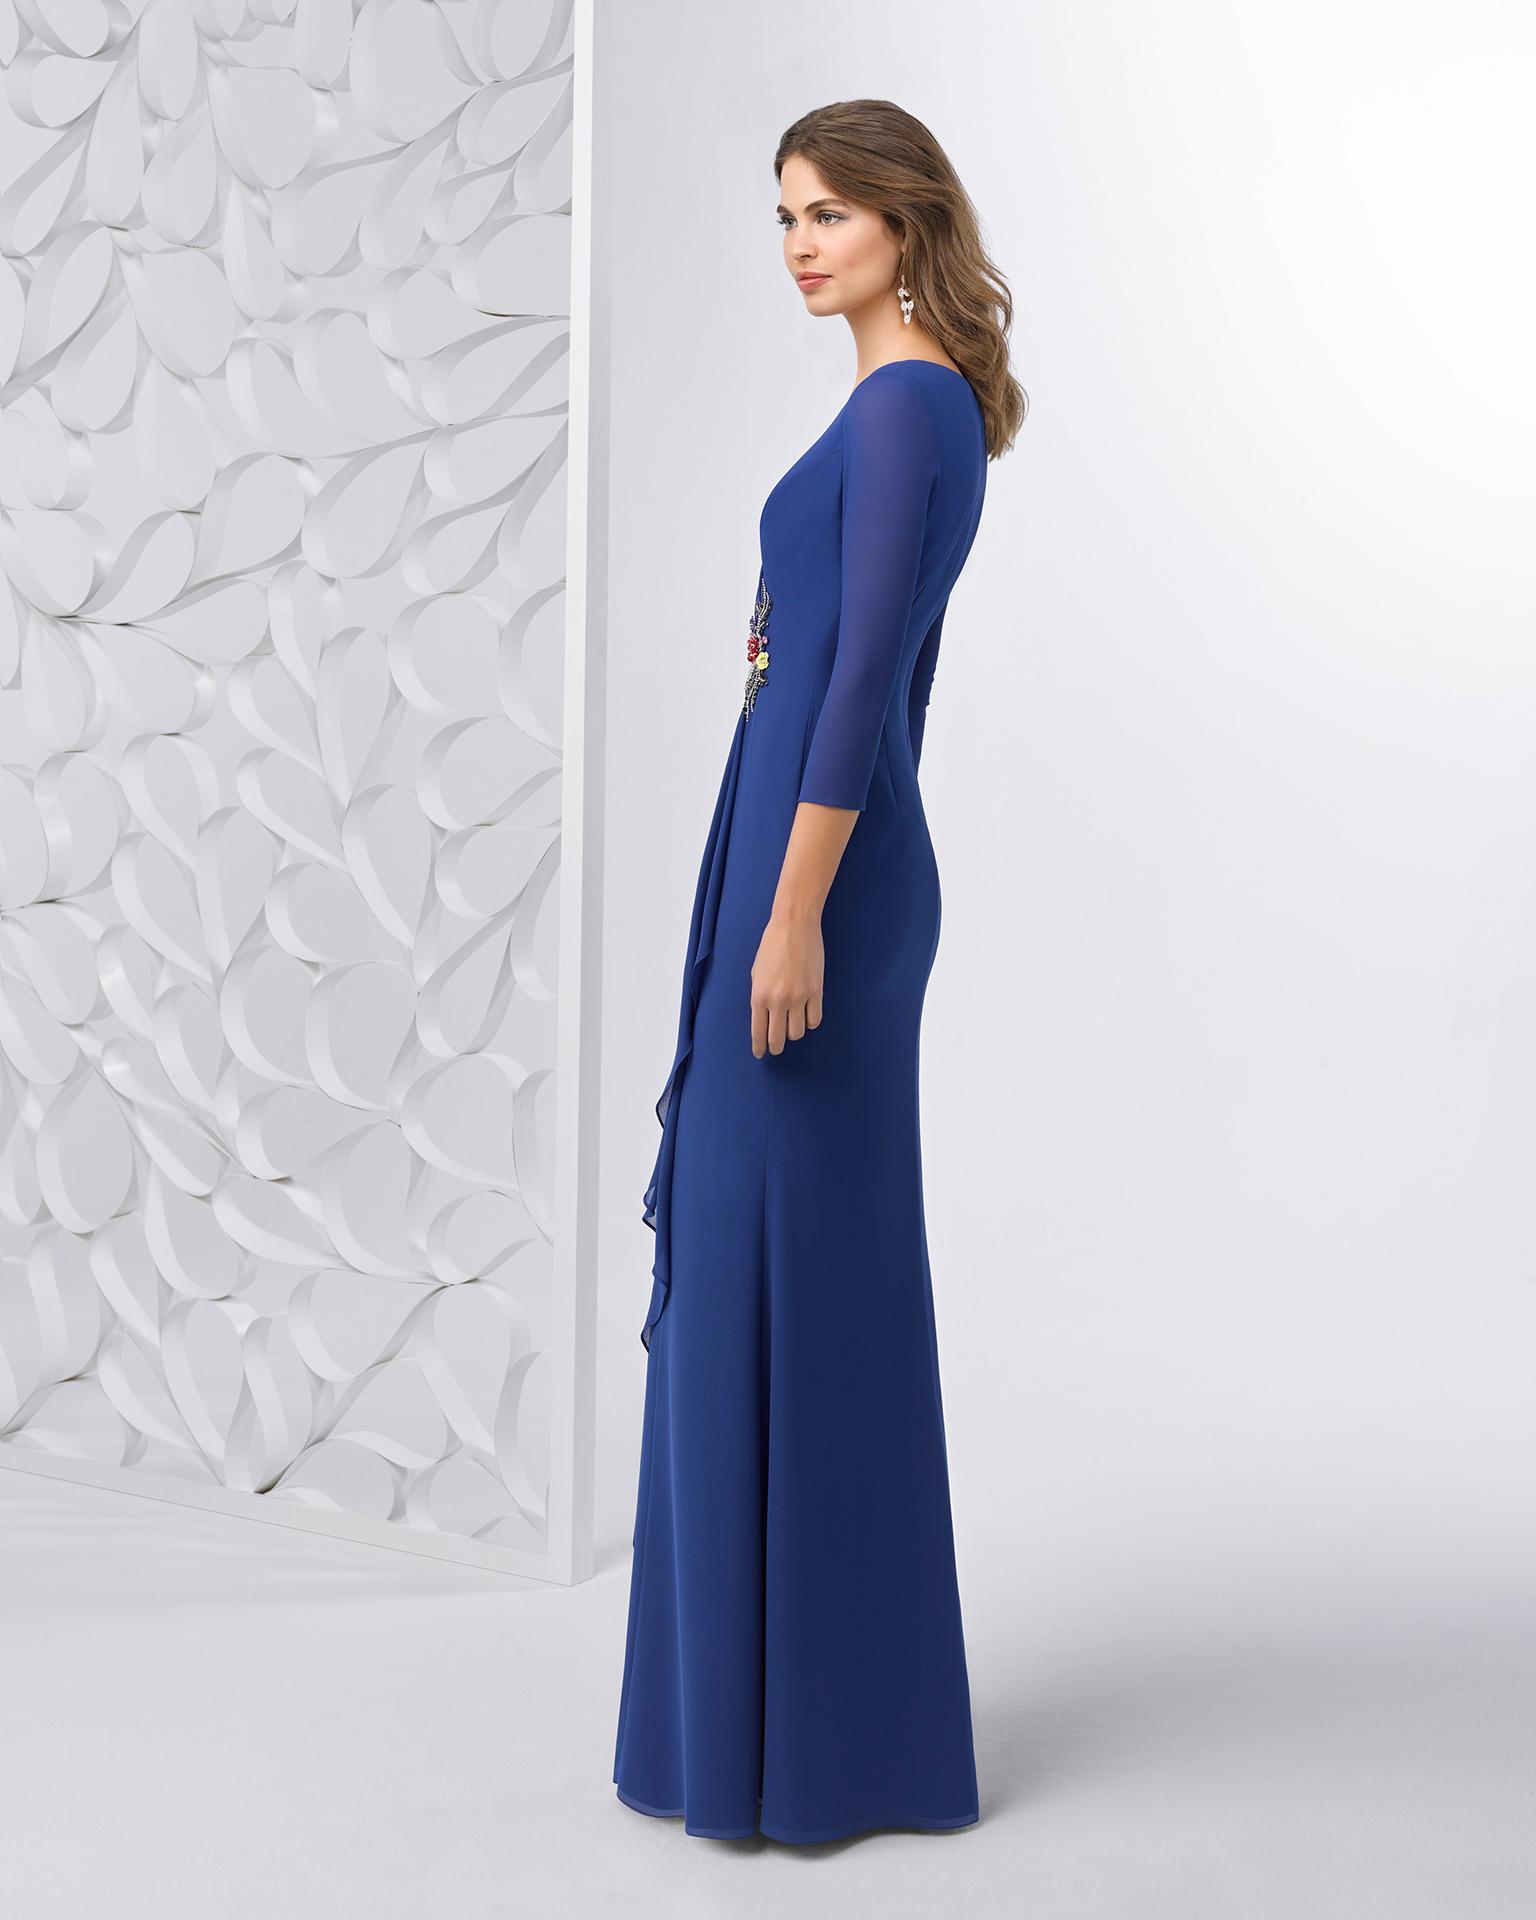 Rochie de cocktail lungă din voal cu strasuri, cu spatele cu efect de bijuterie. Disponibilă în culorile roșu și albastru. Colecția FIESTA AIRE BARCELONA 2018.